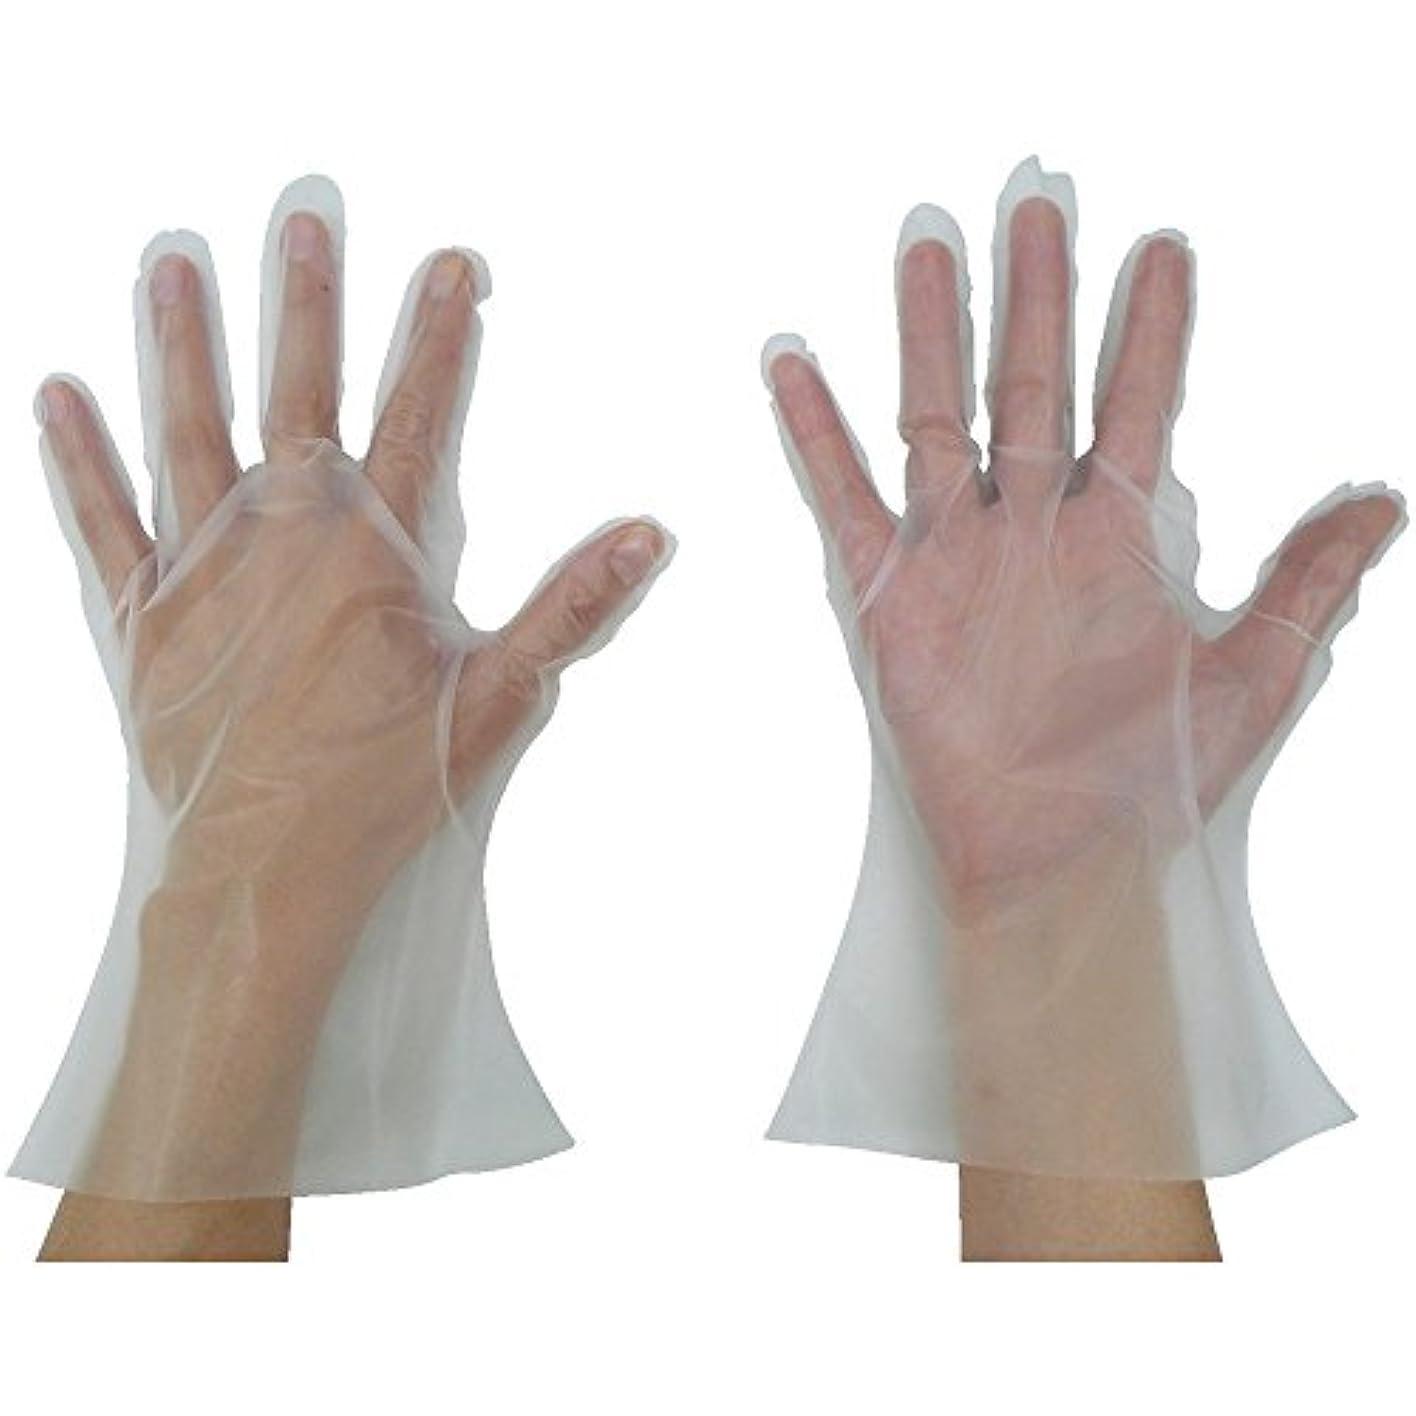 東京パック 緊急災害対策用手袋ニュ?マイジャスト簡易50S 半透明 KN-S ポリエチレン使い捨て手袋